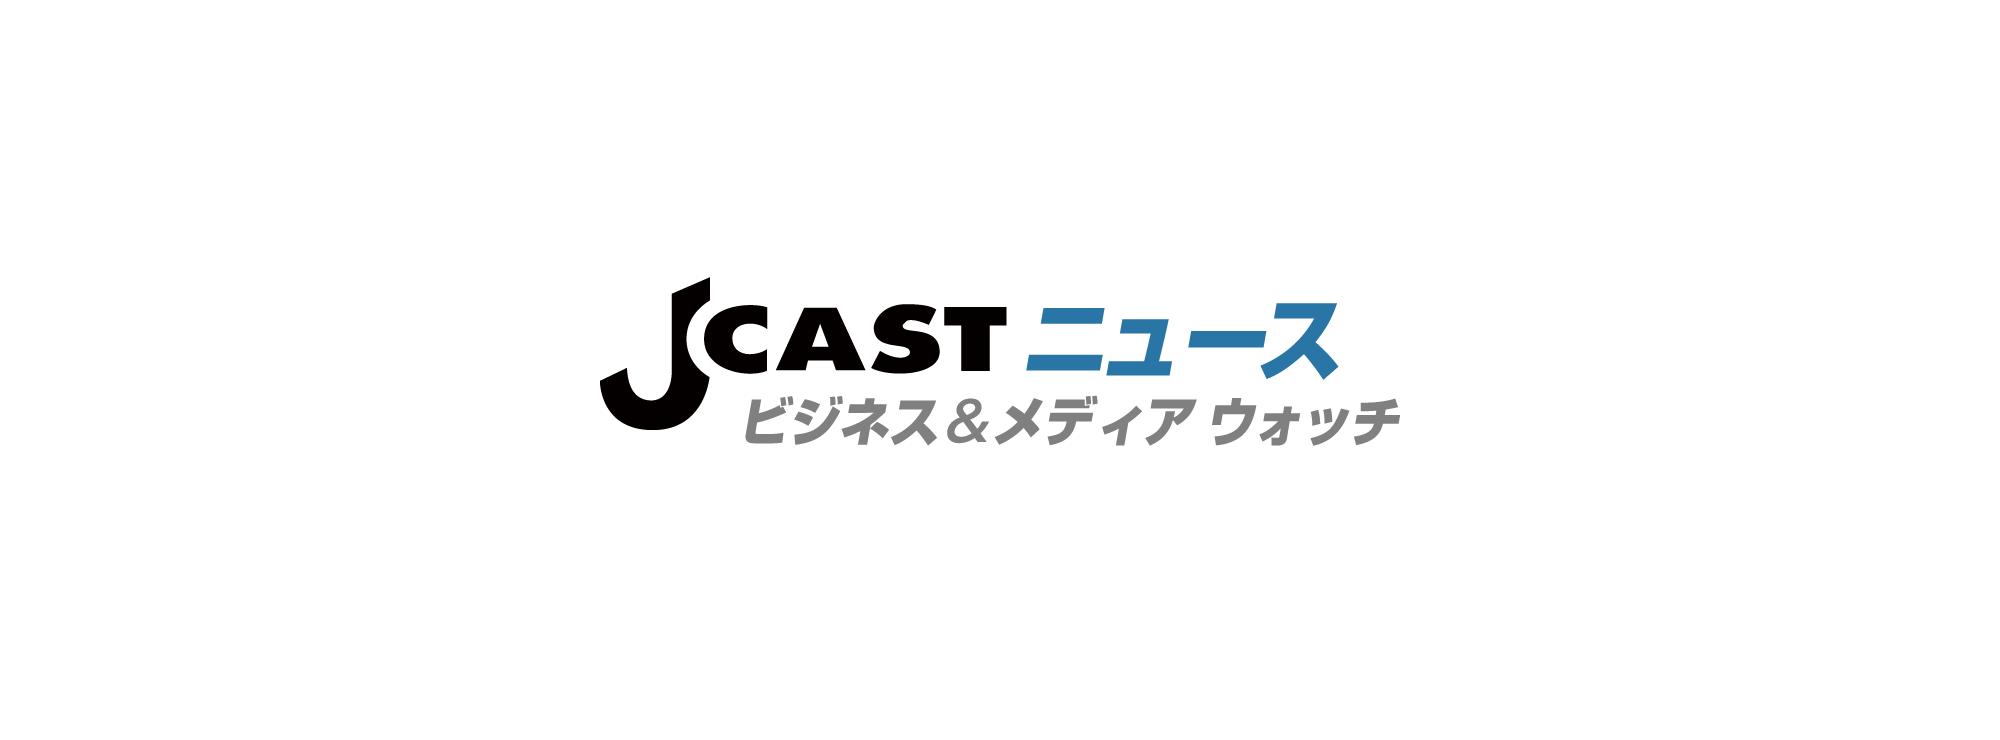 高校で集団妊娠 「赤ちゃんできた」とハイタッチ : J-CASTテレビウォッチ